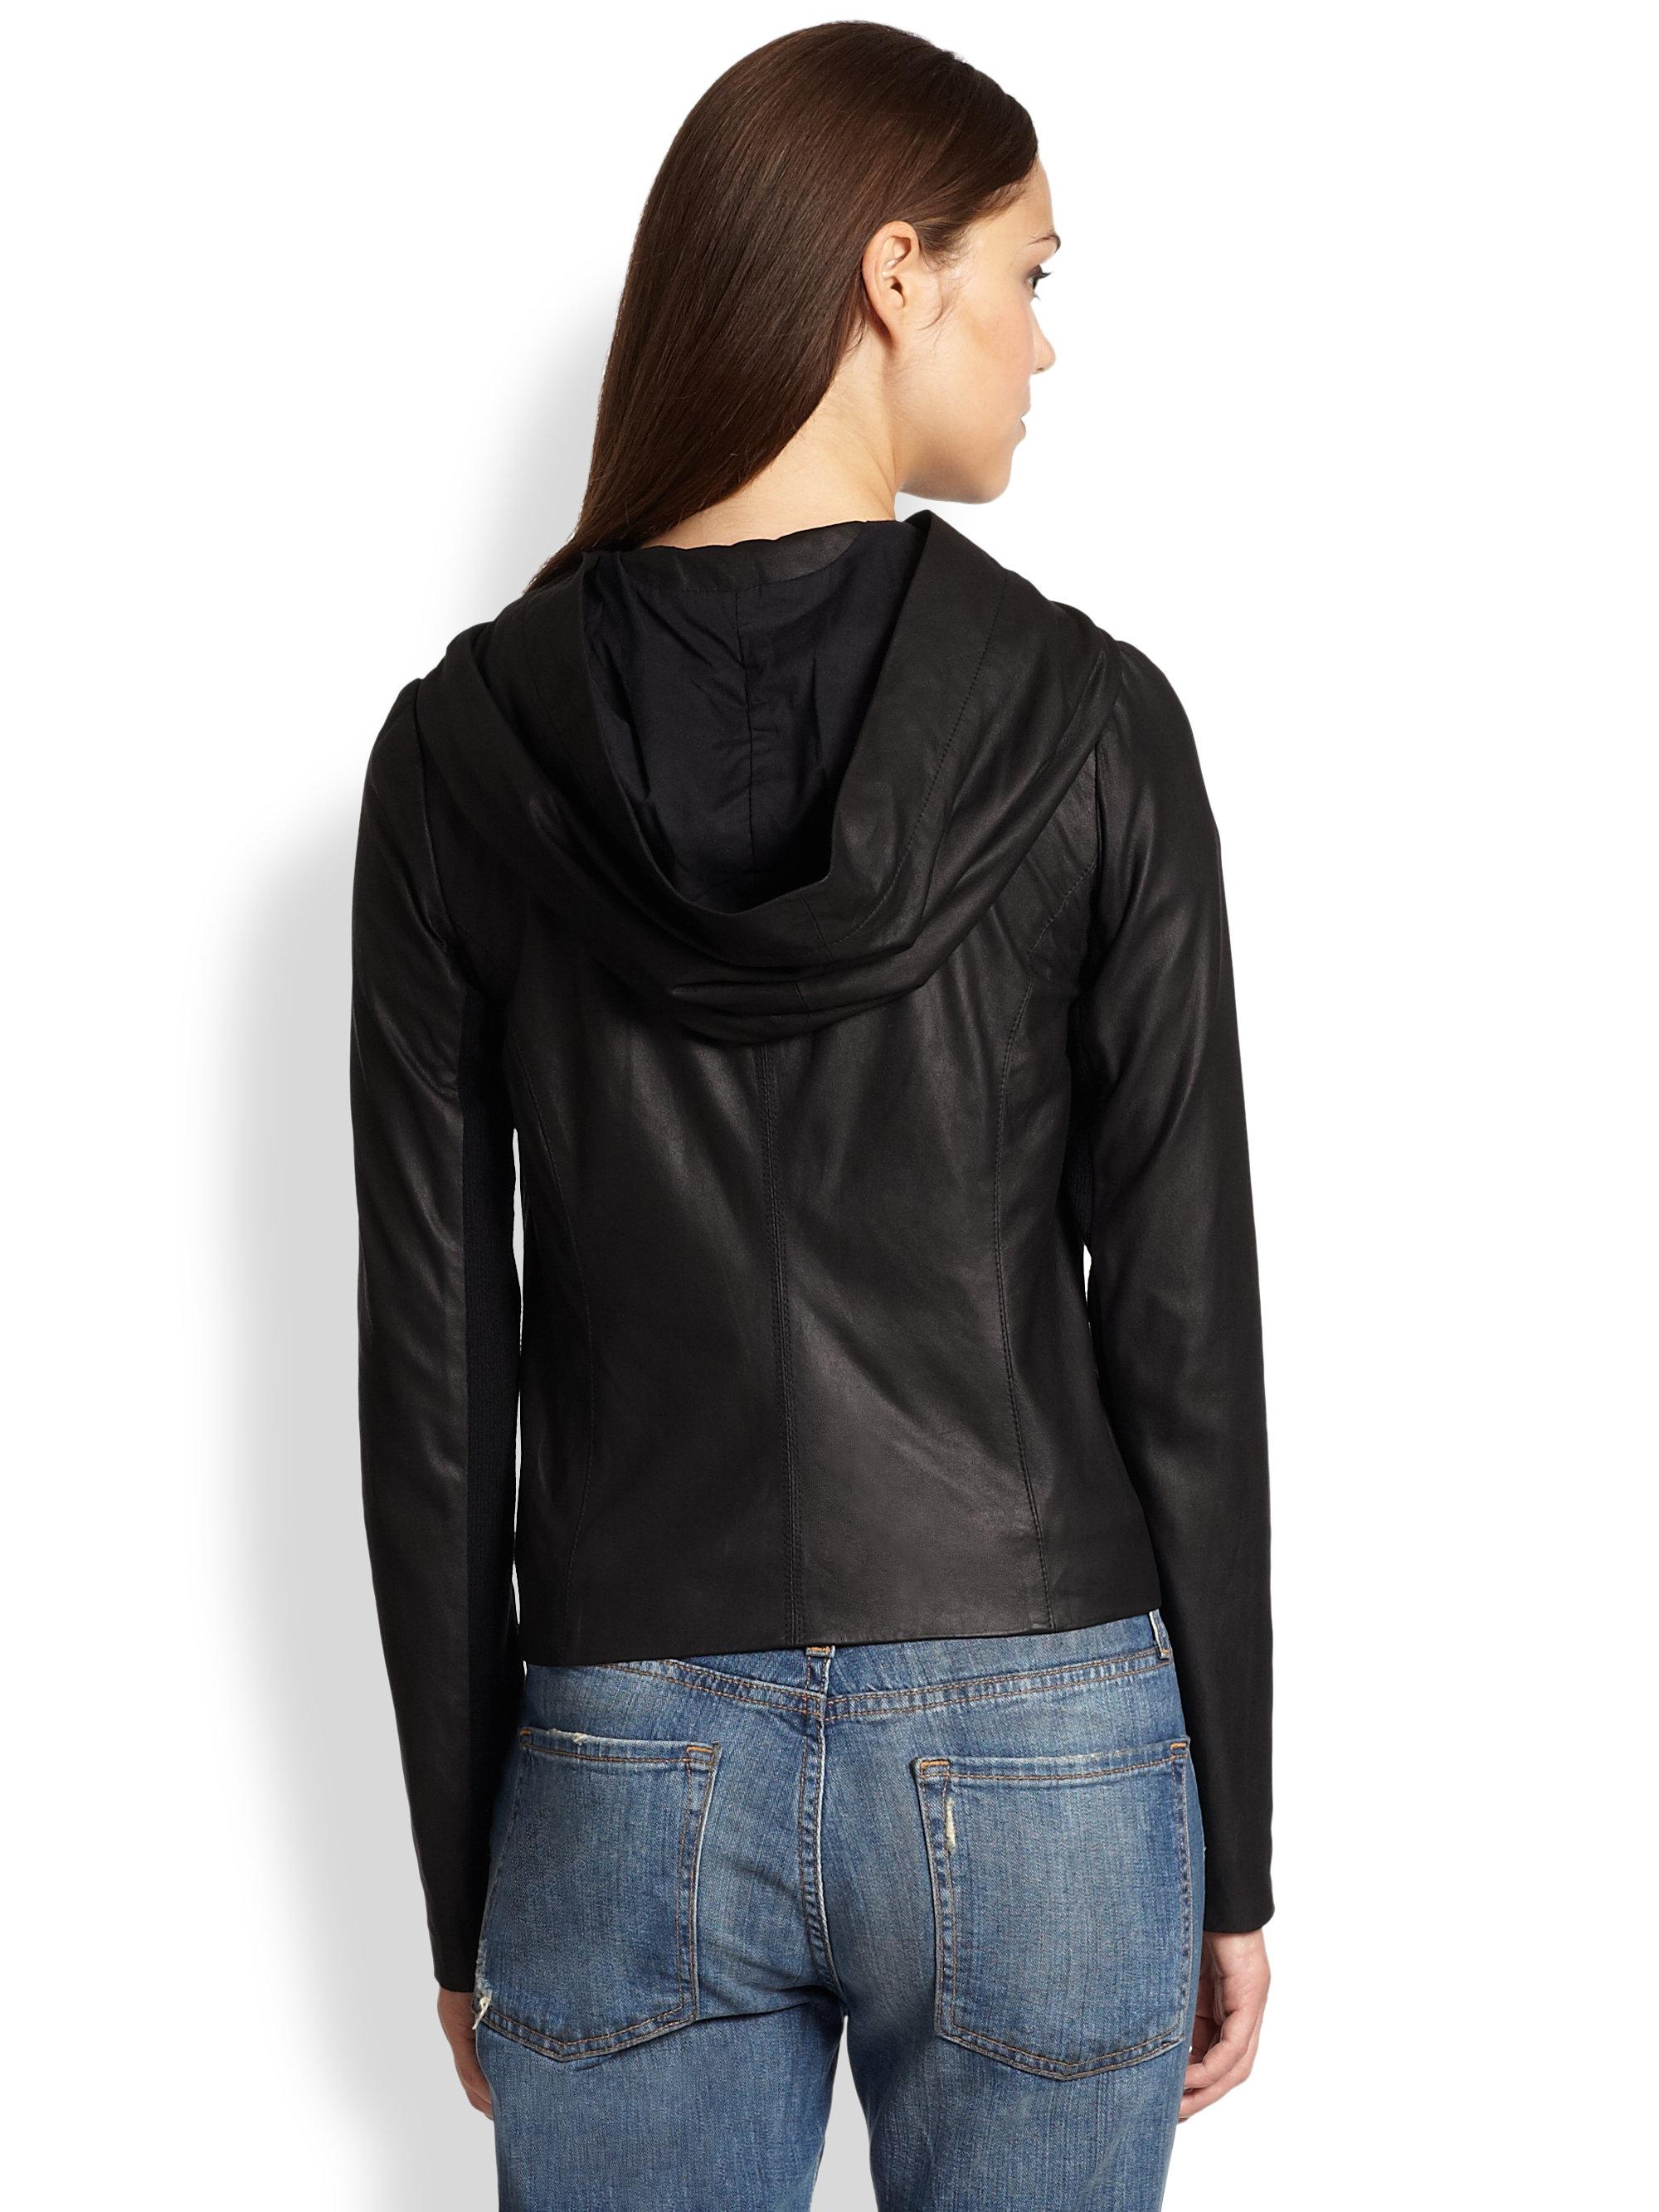 Vince black paper leather jacket